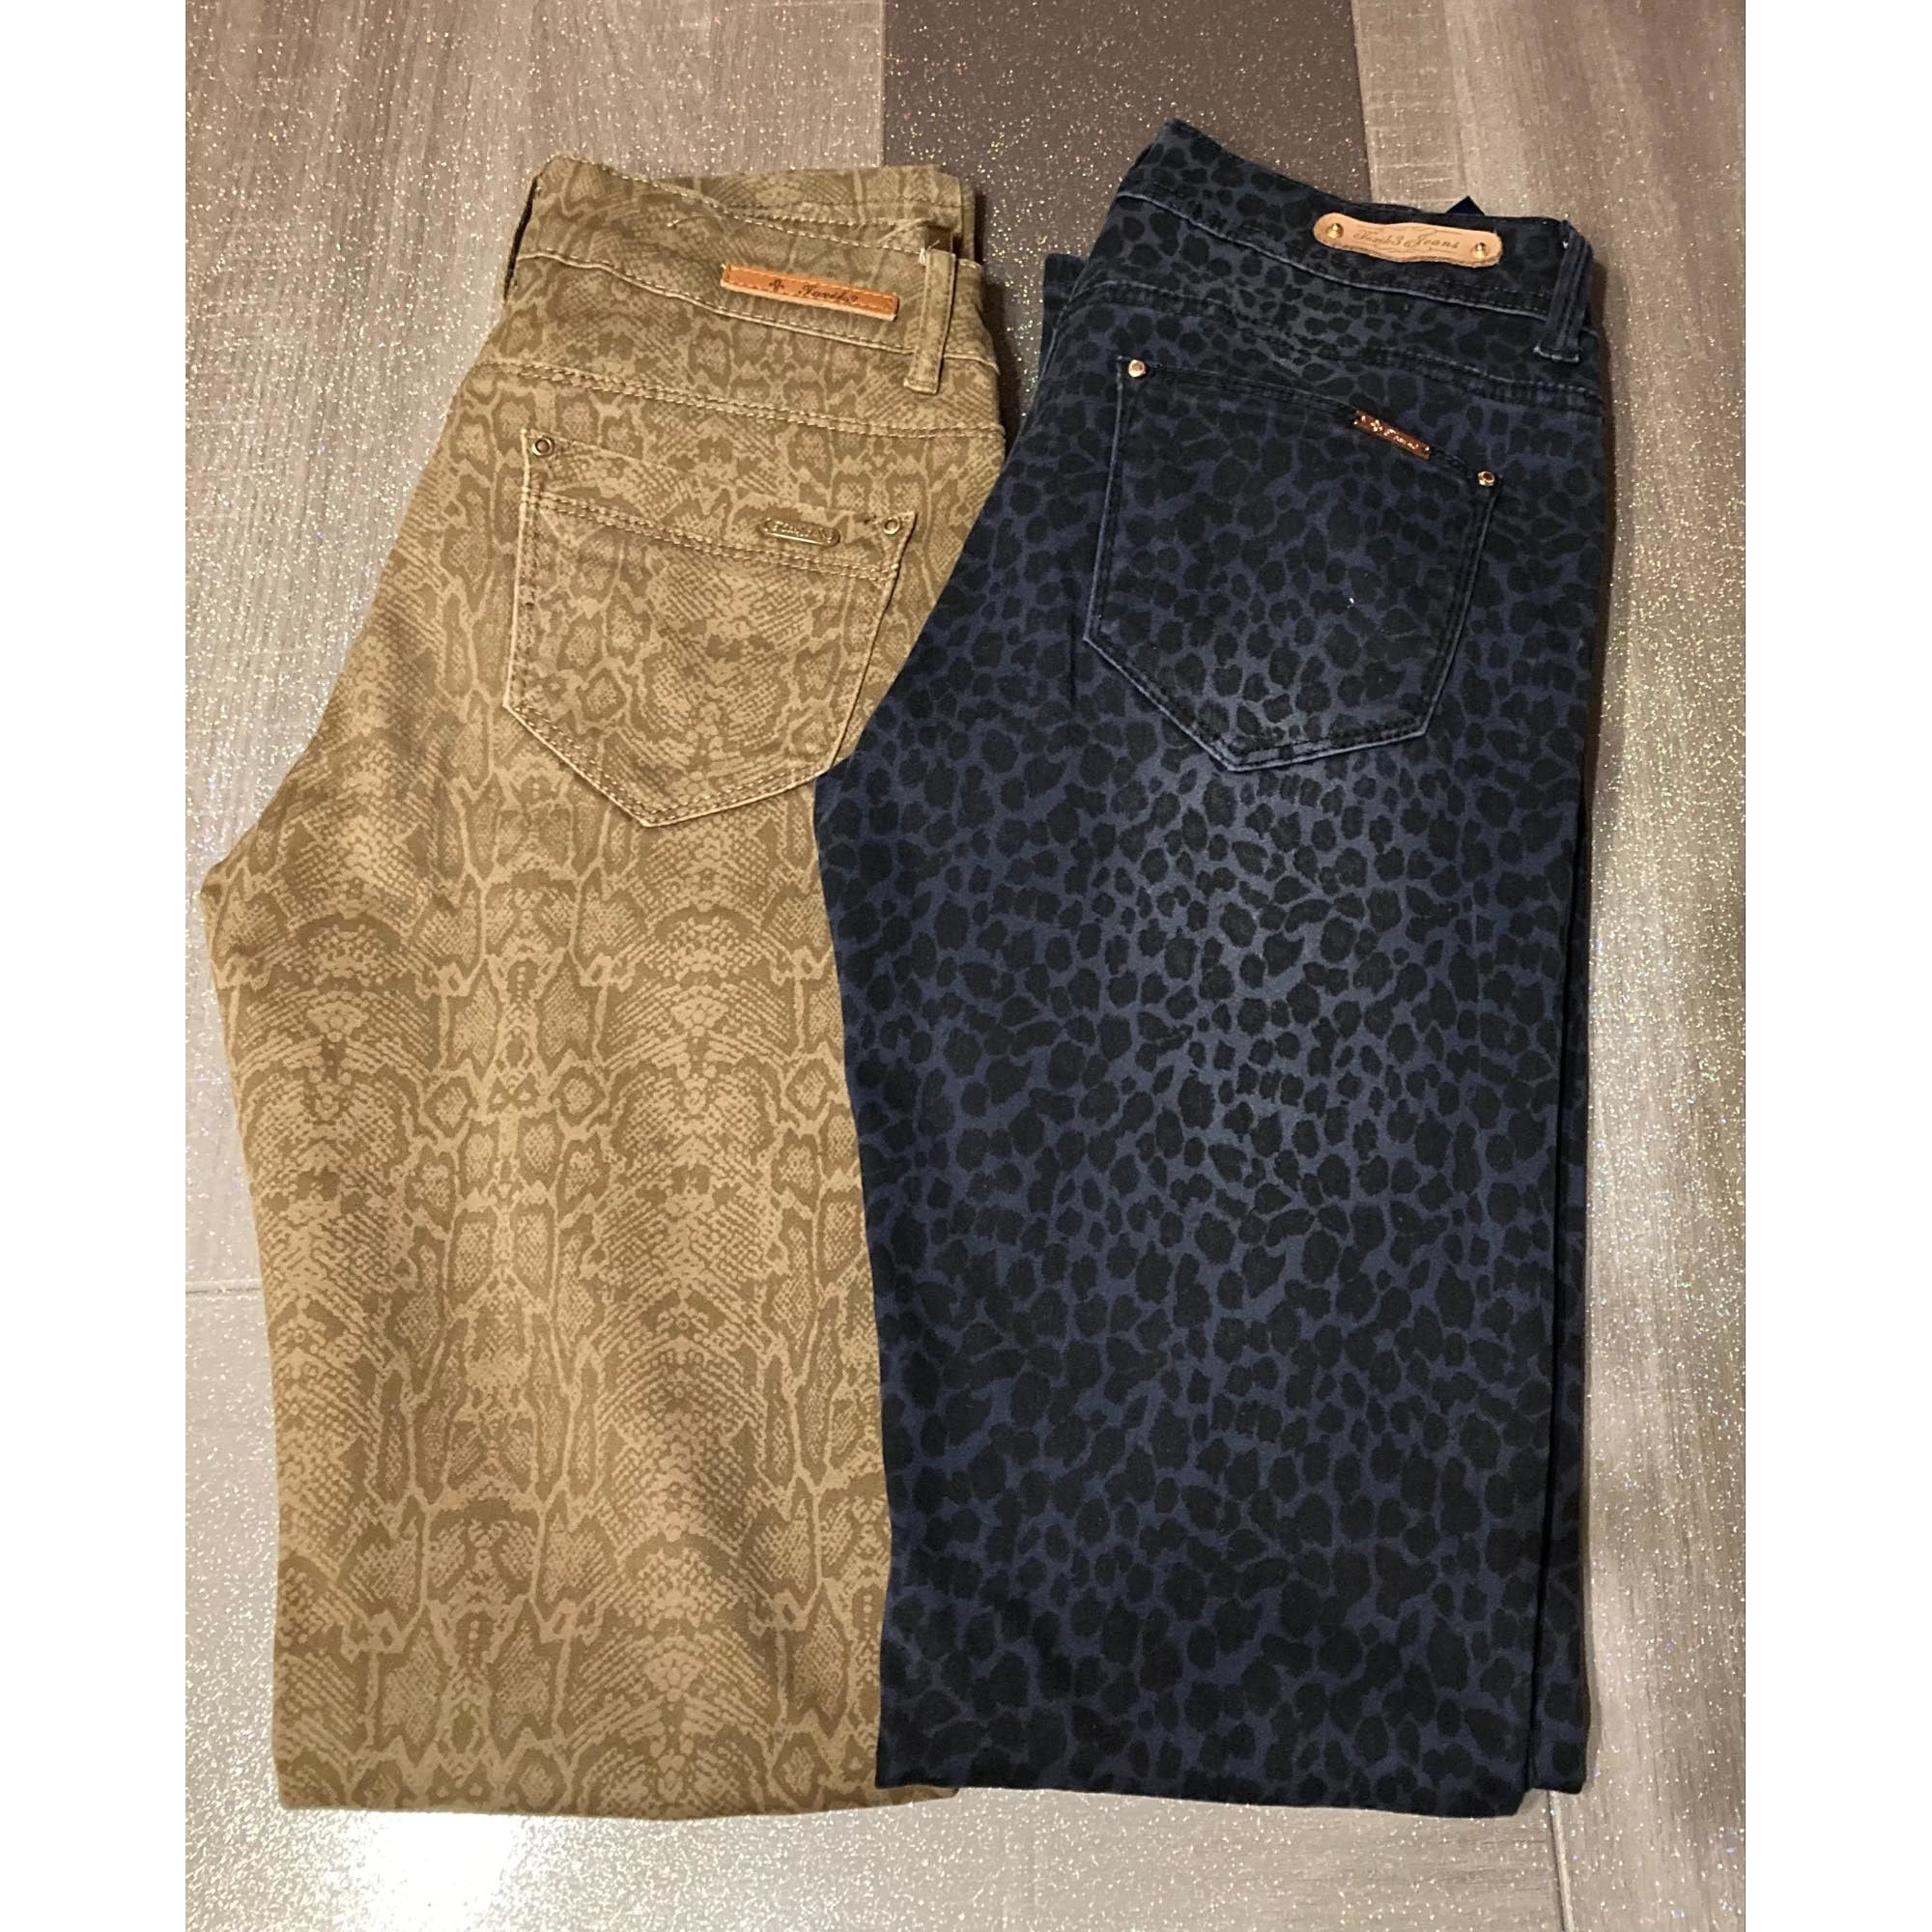 Pantalon slim, cigarette TOXIK 3 JEANS Doré, bronze, cuivre